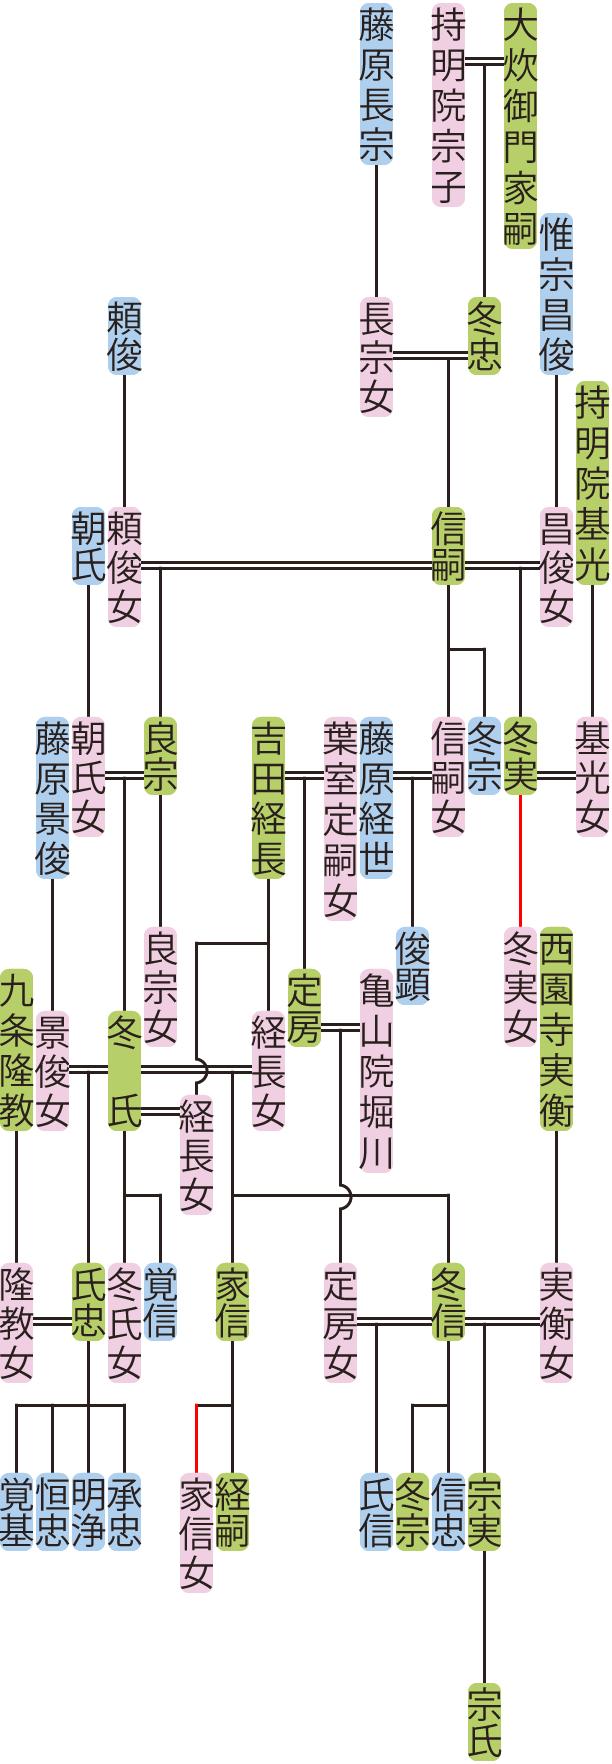 大炊御門信嗣~冬信の系図